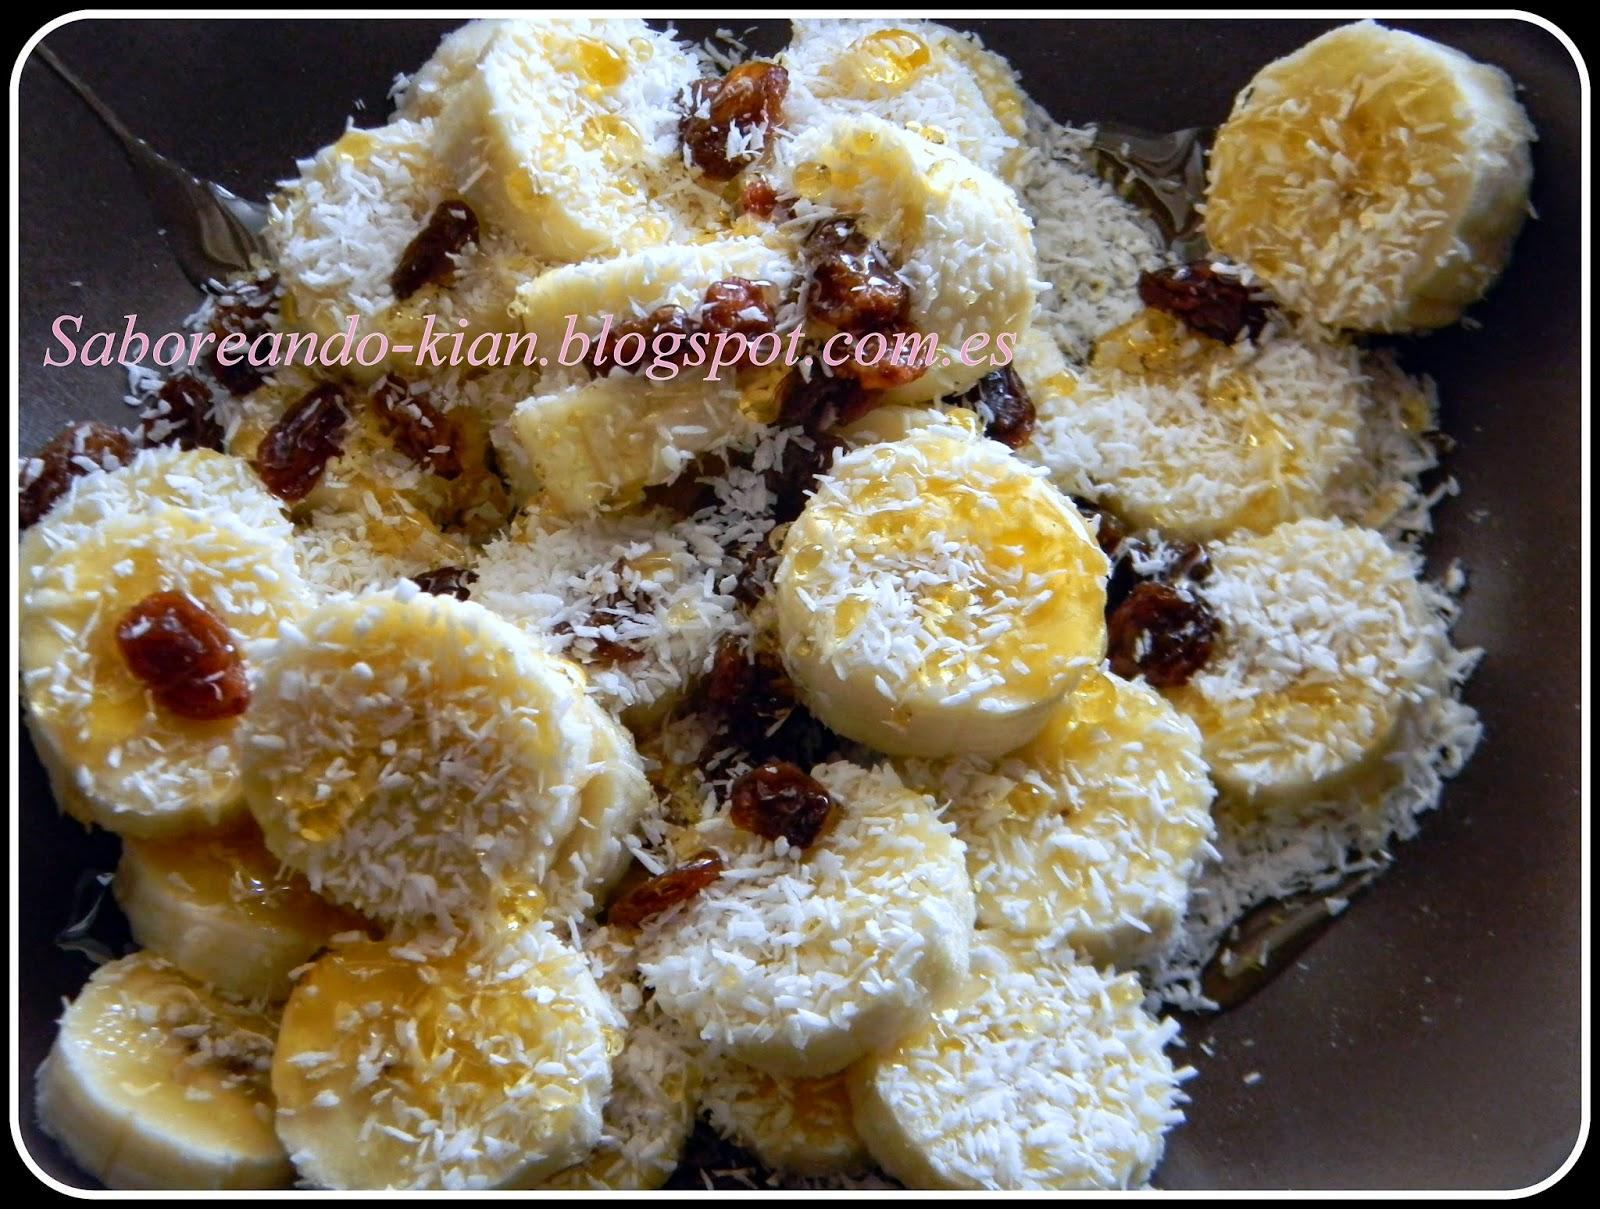 http://saboreando-kian.blogspot.com.es/2014/06/propuesta-de-desayuno.html